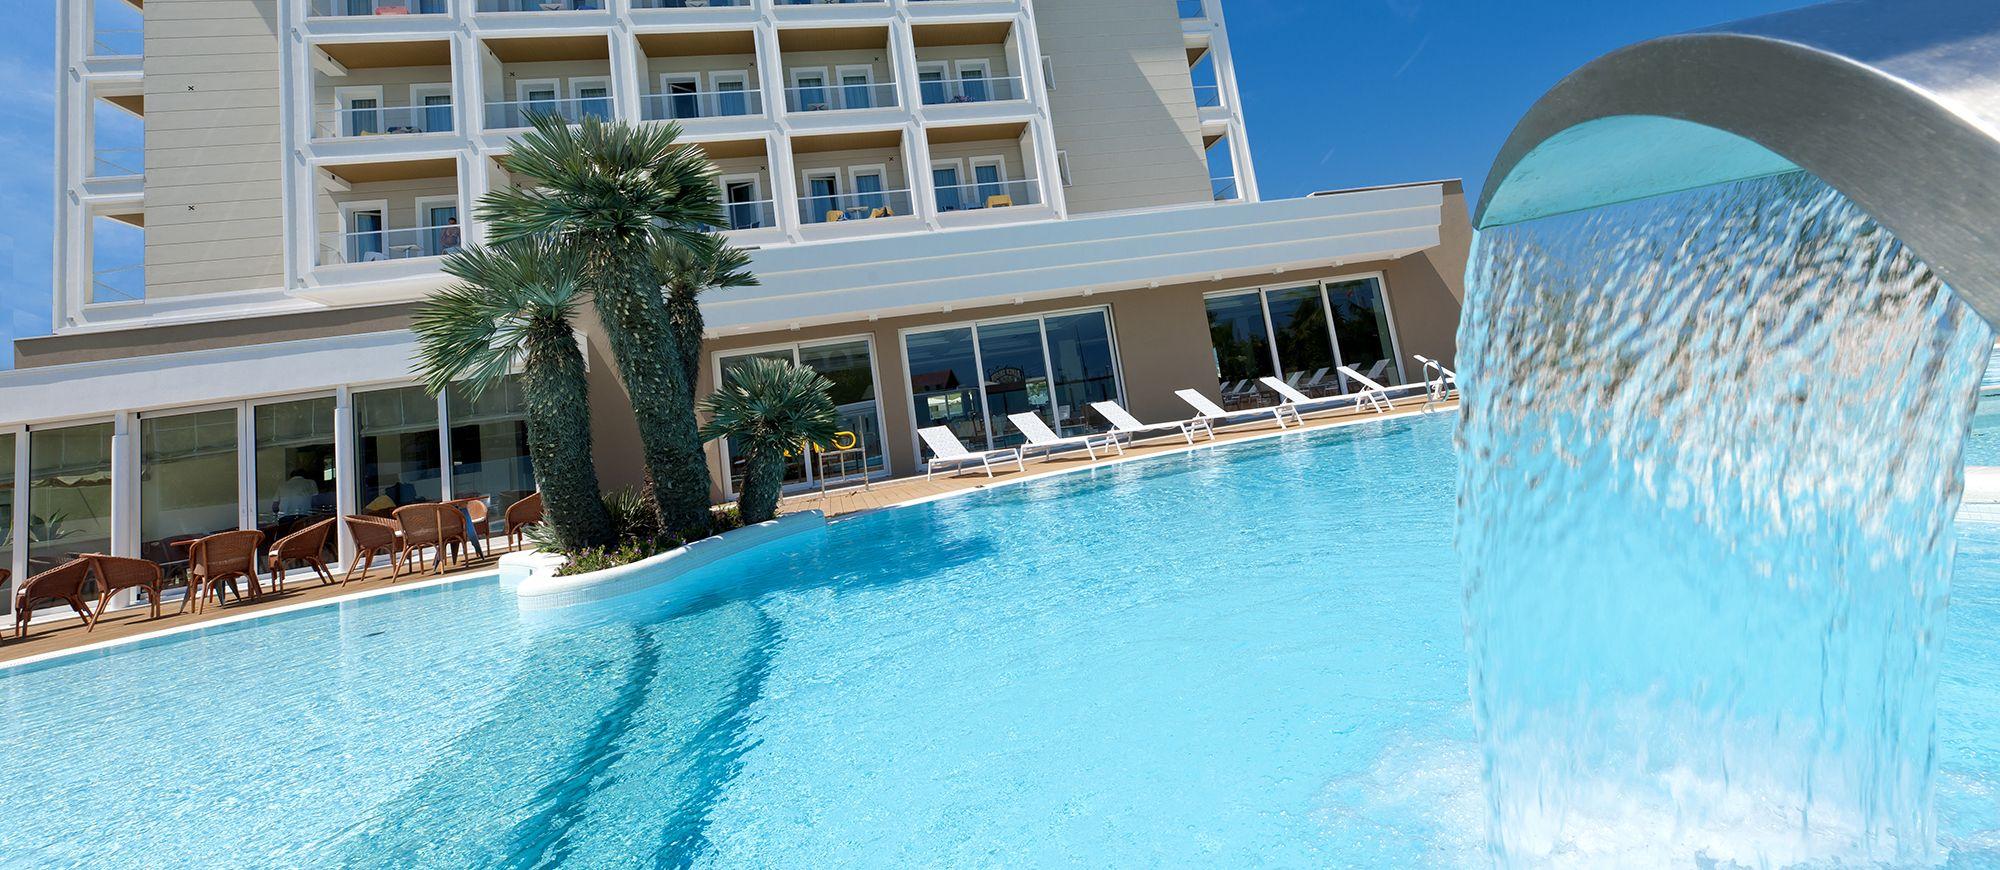 Hotel riccione con piscina alberghi piscina riscaldata - Hotel con piscina a riccione ...